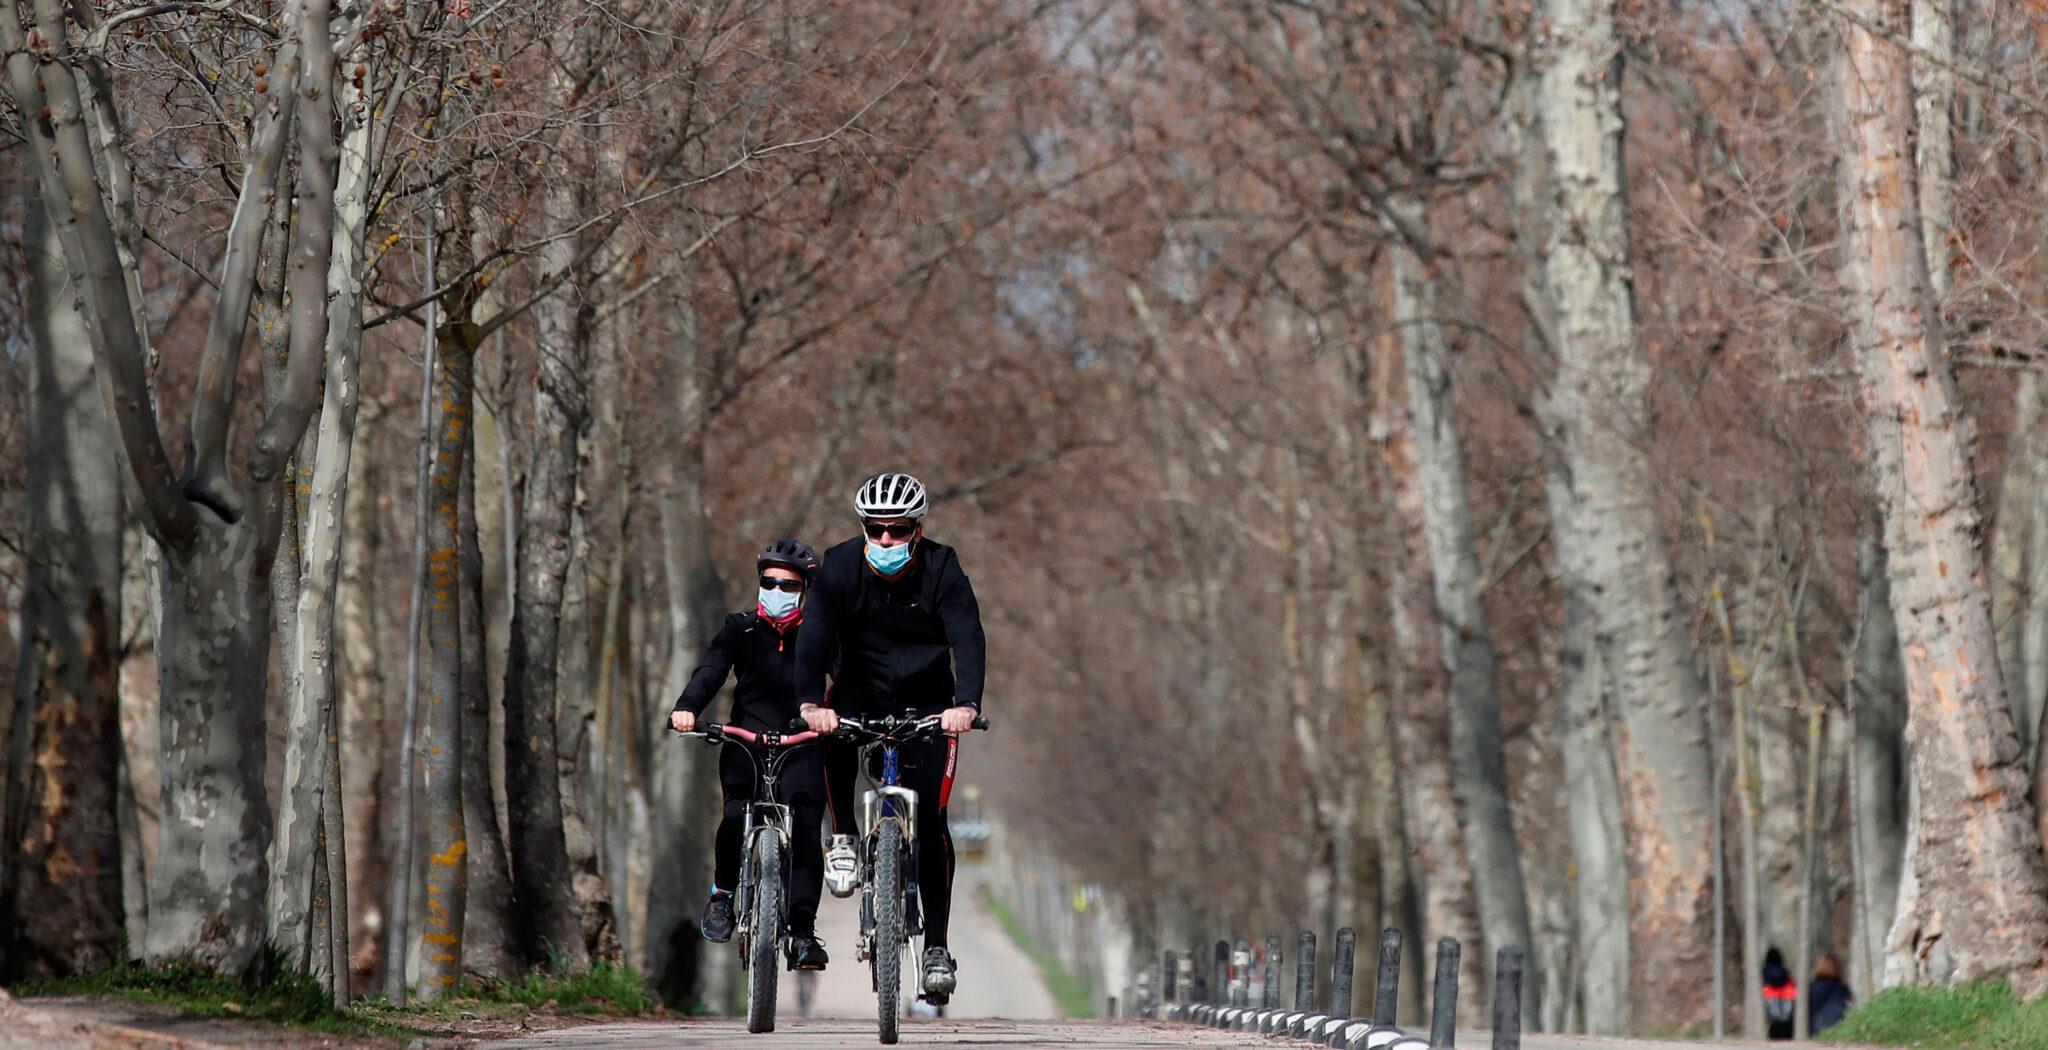 Deporte, montar en bicicleta, naturaleza, ocio